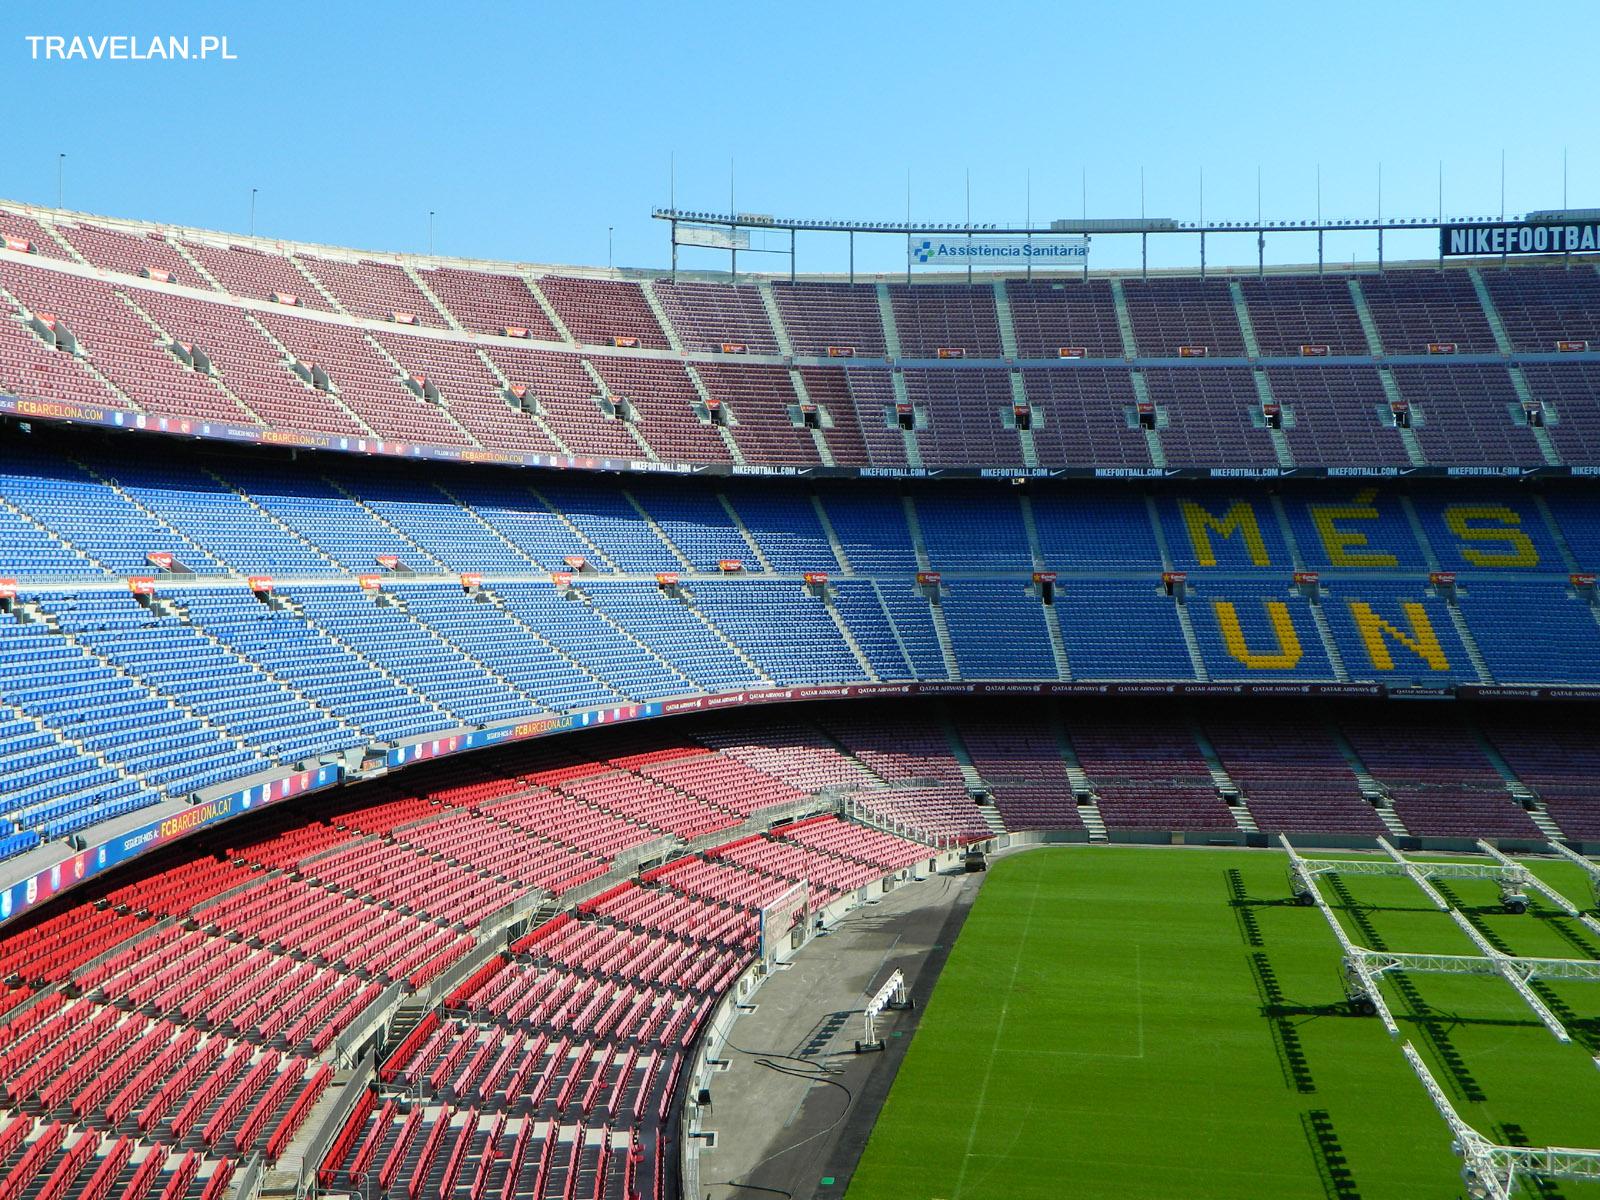 Camp Nou - Trybuny największego, czynnego stadionu na świecie